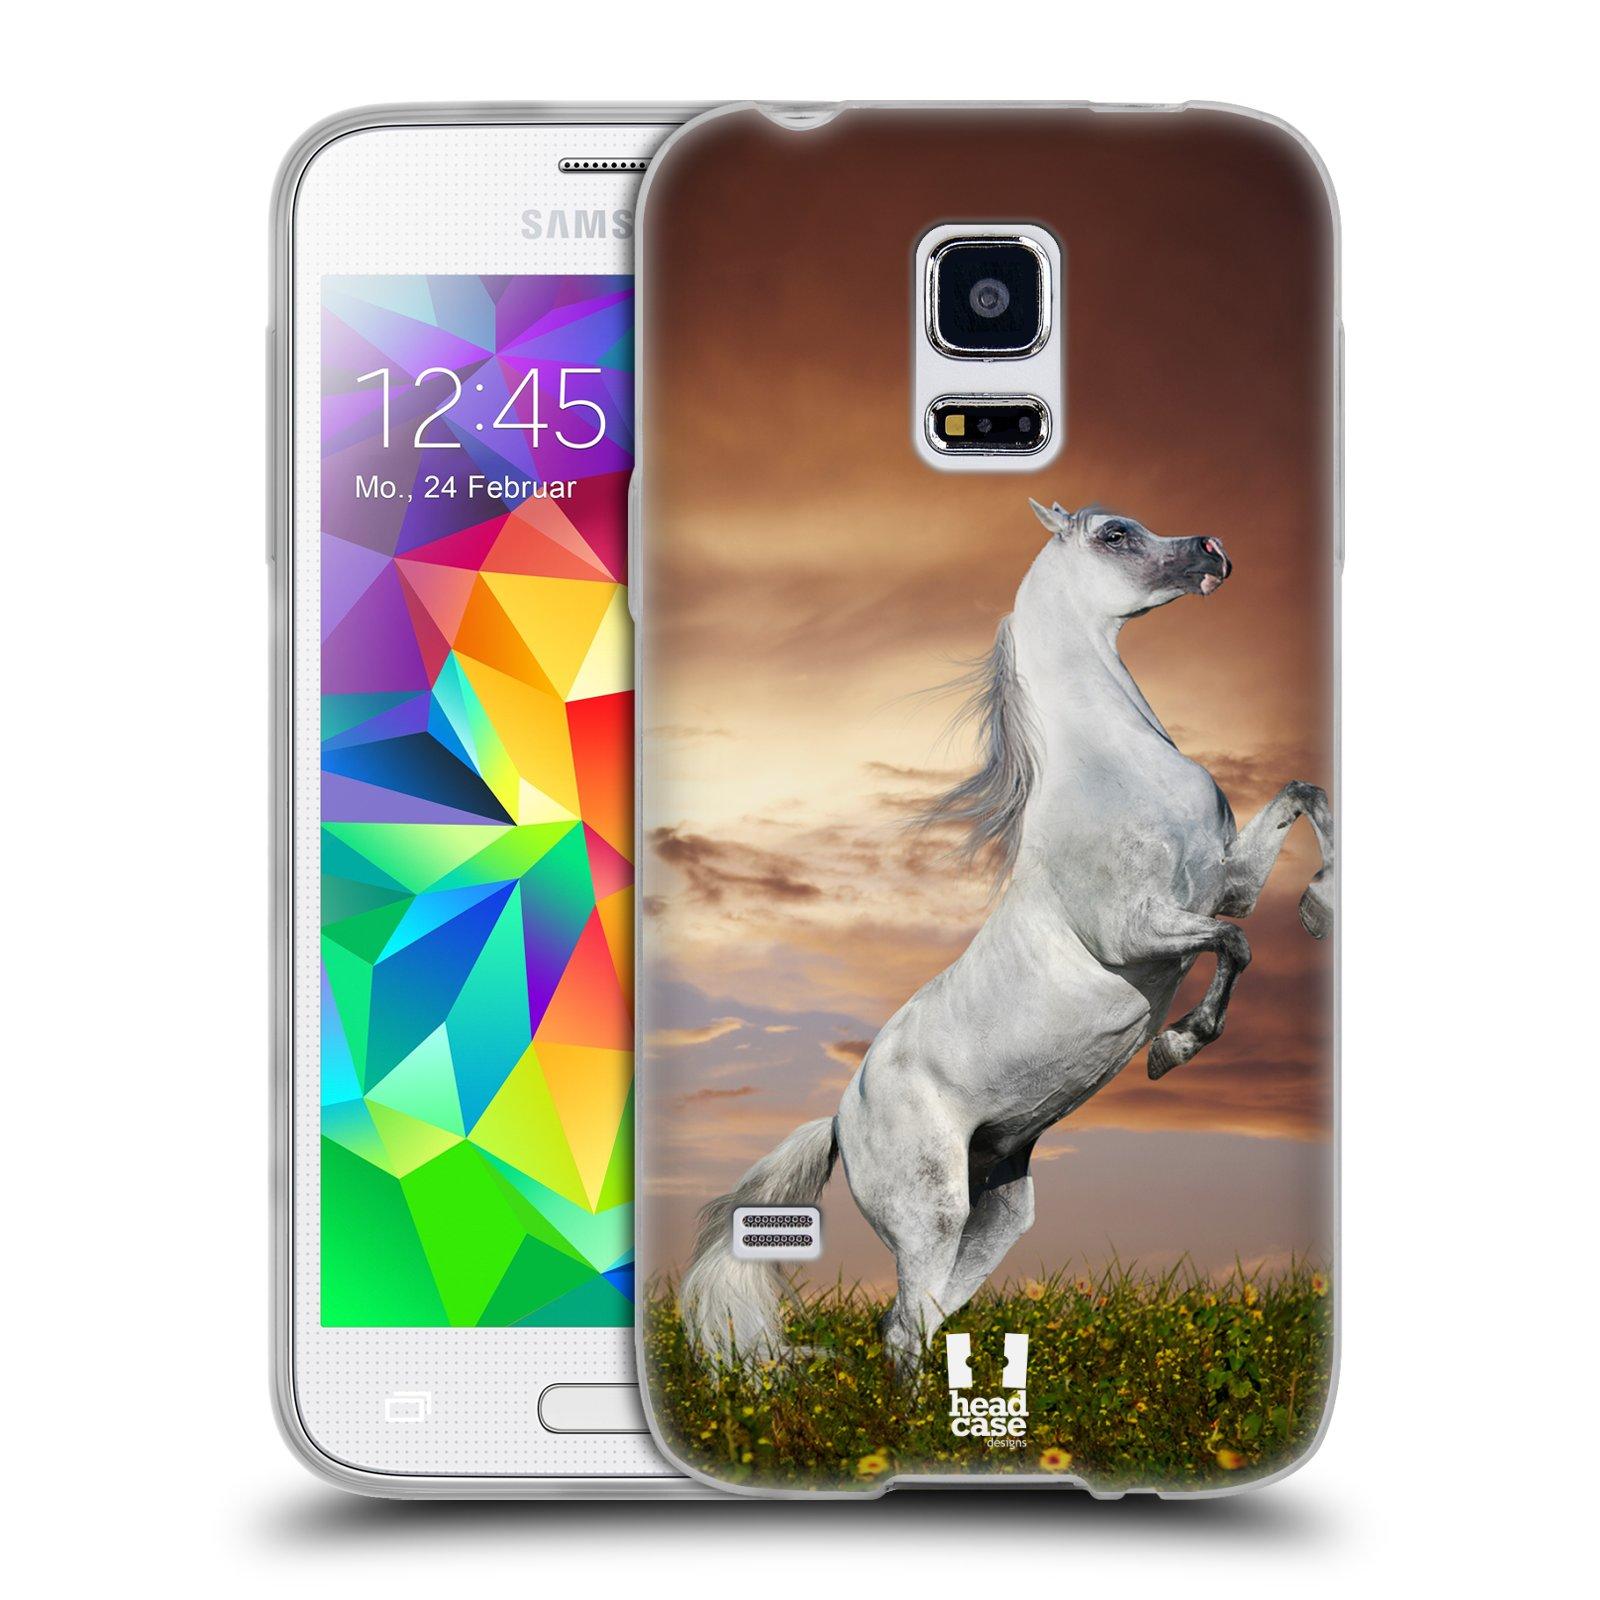 HEAD CASE silikonový obal na mobil Samsung Galaxy S5 MINI vzor Divočina, Divoký život a zvířata foto DIVOKÝ KŮŇ MUSTANG BÍLÁ